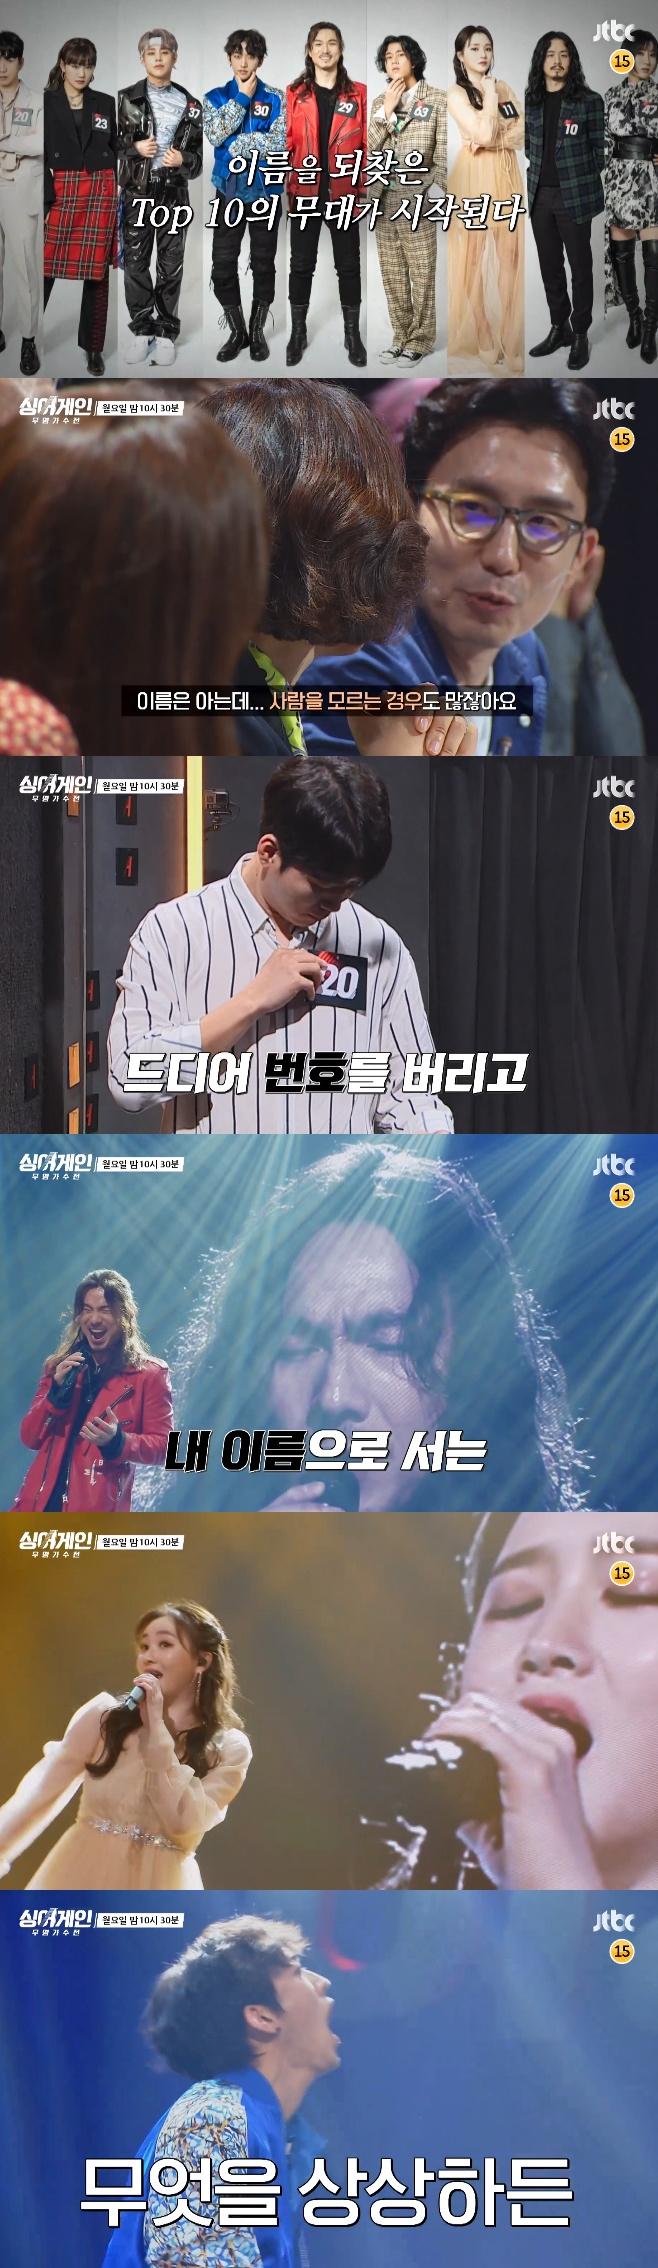 싱어게인 정홍일 VS 유미 고수들의 진검승부유희열 울컥 - 오늘의 ...